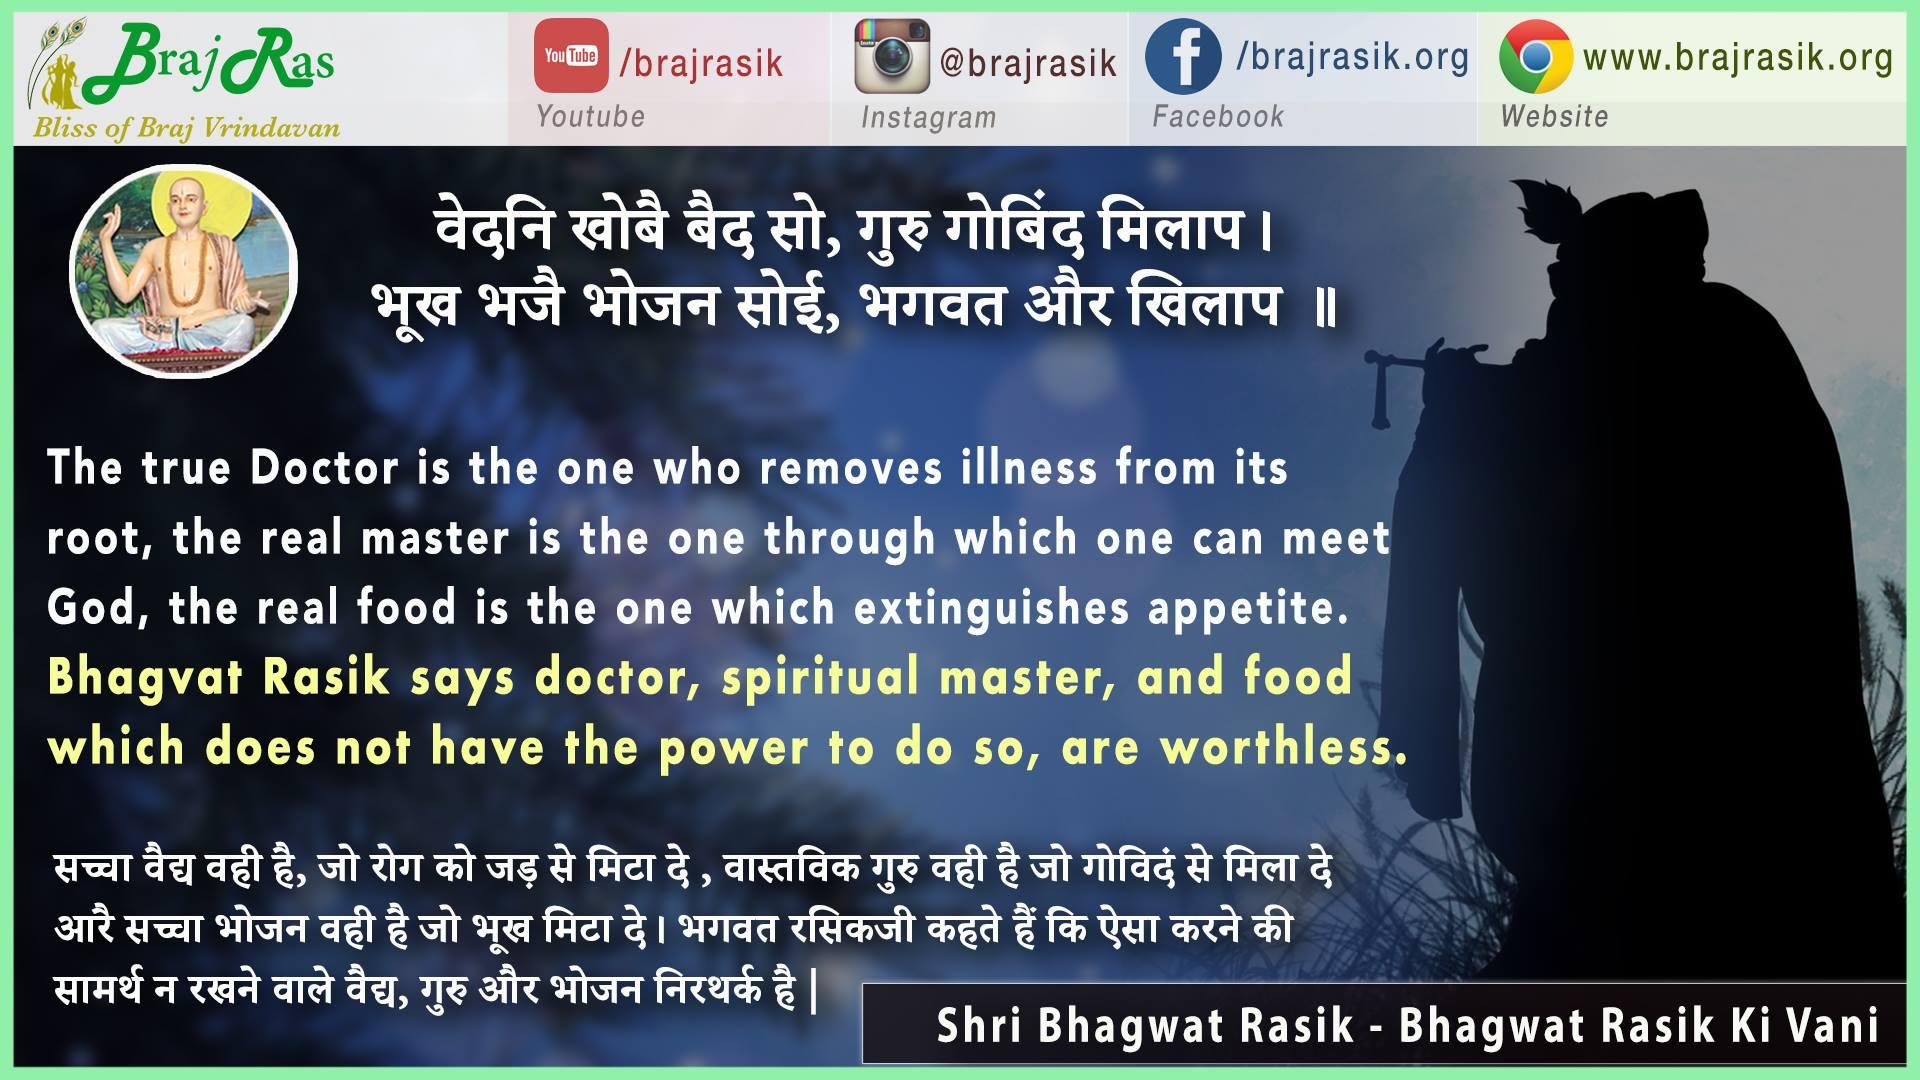 Vedani Khobe Vaida So - Shri Bhagwat Rasik, Bhagwat Rasik Ki Vani